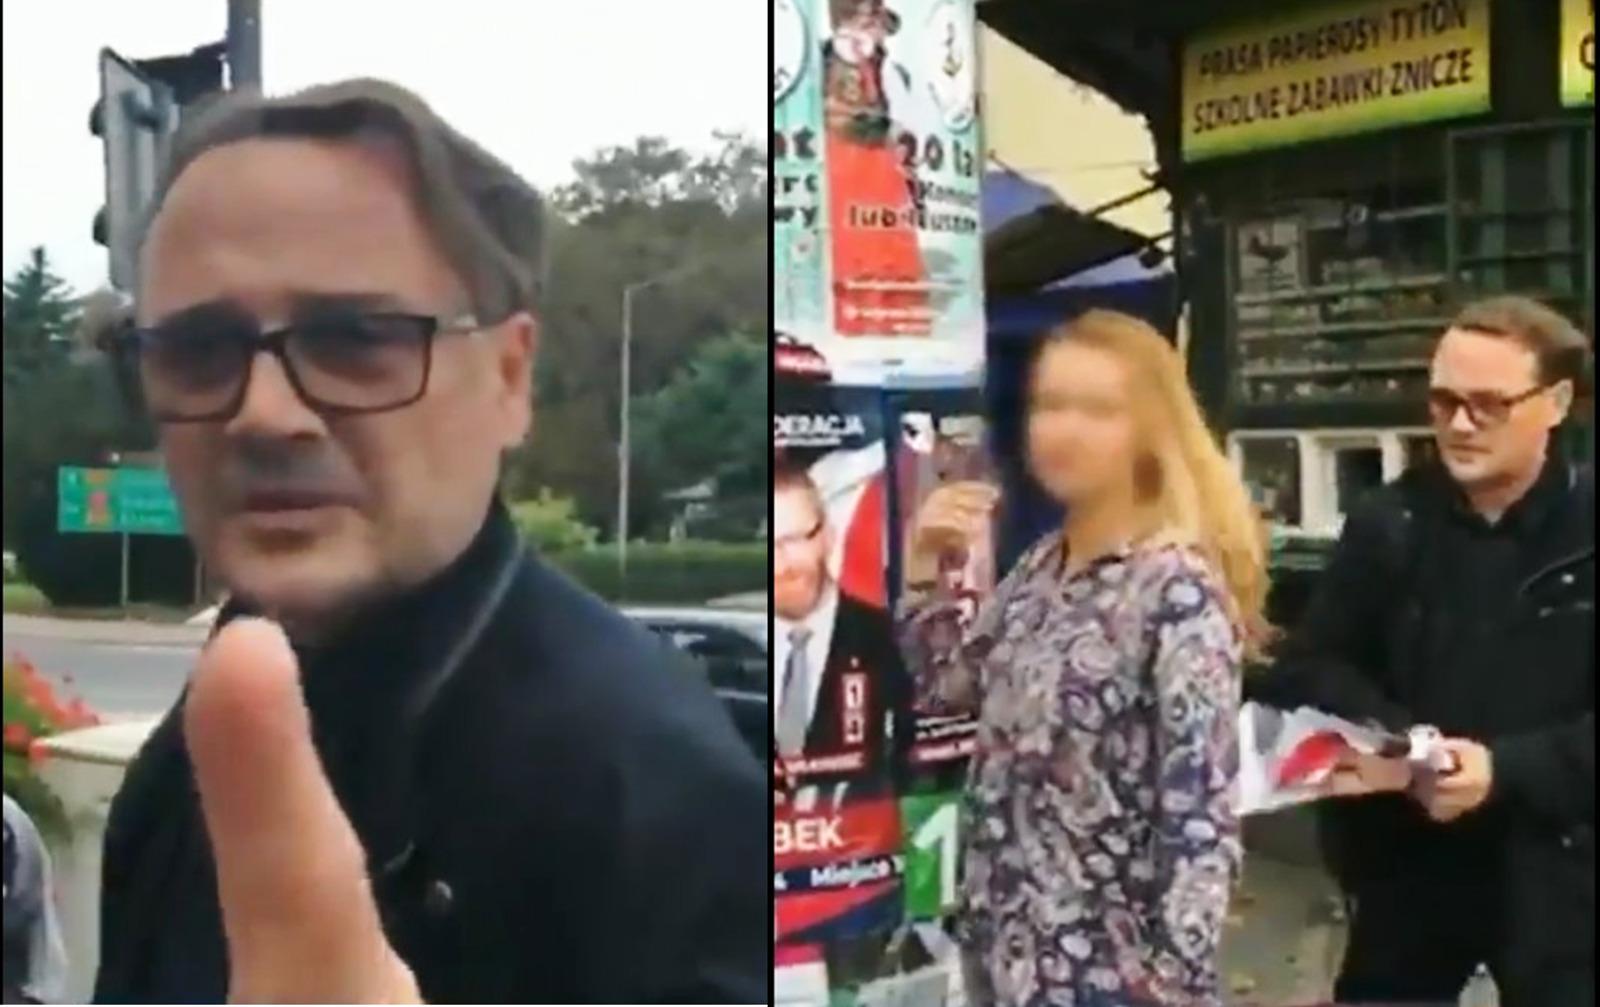 Radny Adam Opałka zrywa plakaty wyborcze